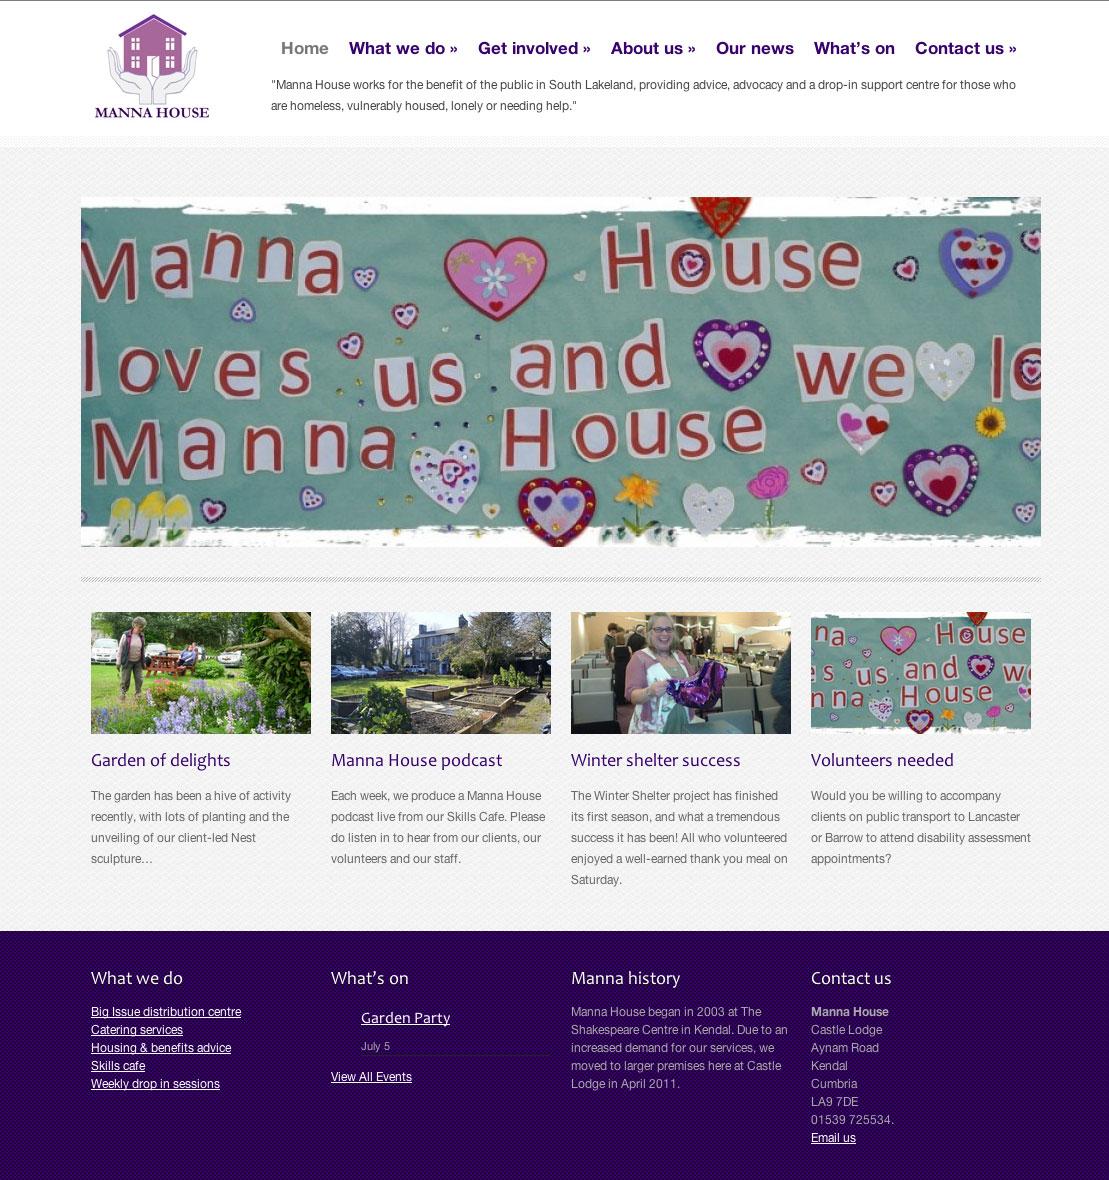 Website design details